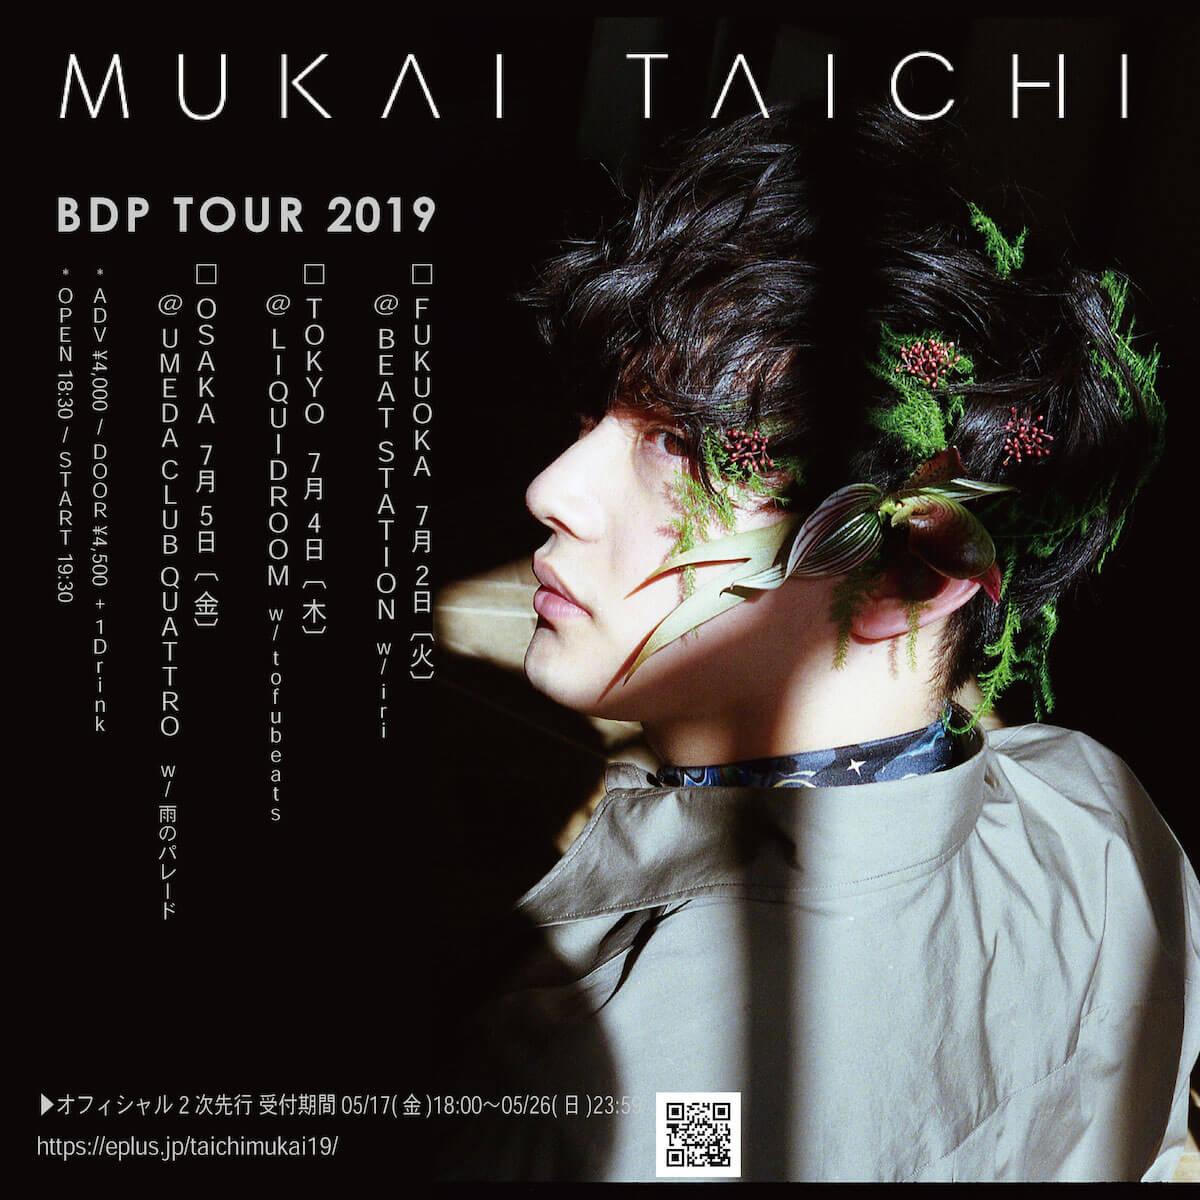 向井太一が6月19日に配信限定EP「27」をリリース <BDP TOUR 2019>のゲストにtofubeats等出演決定! music190517mukaitaichi27_info2